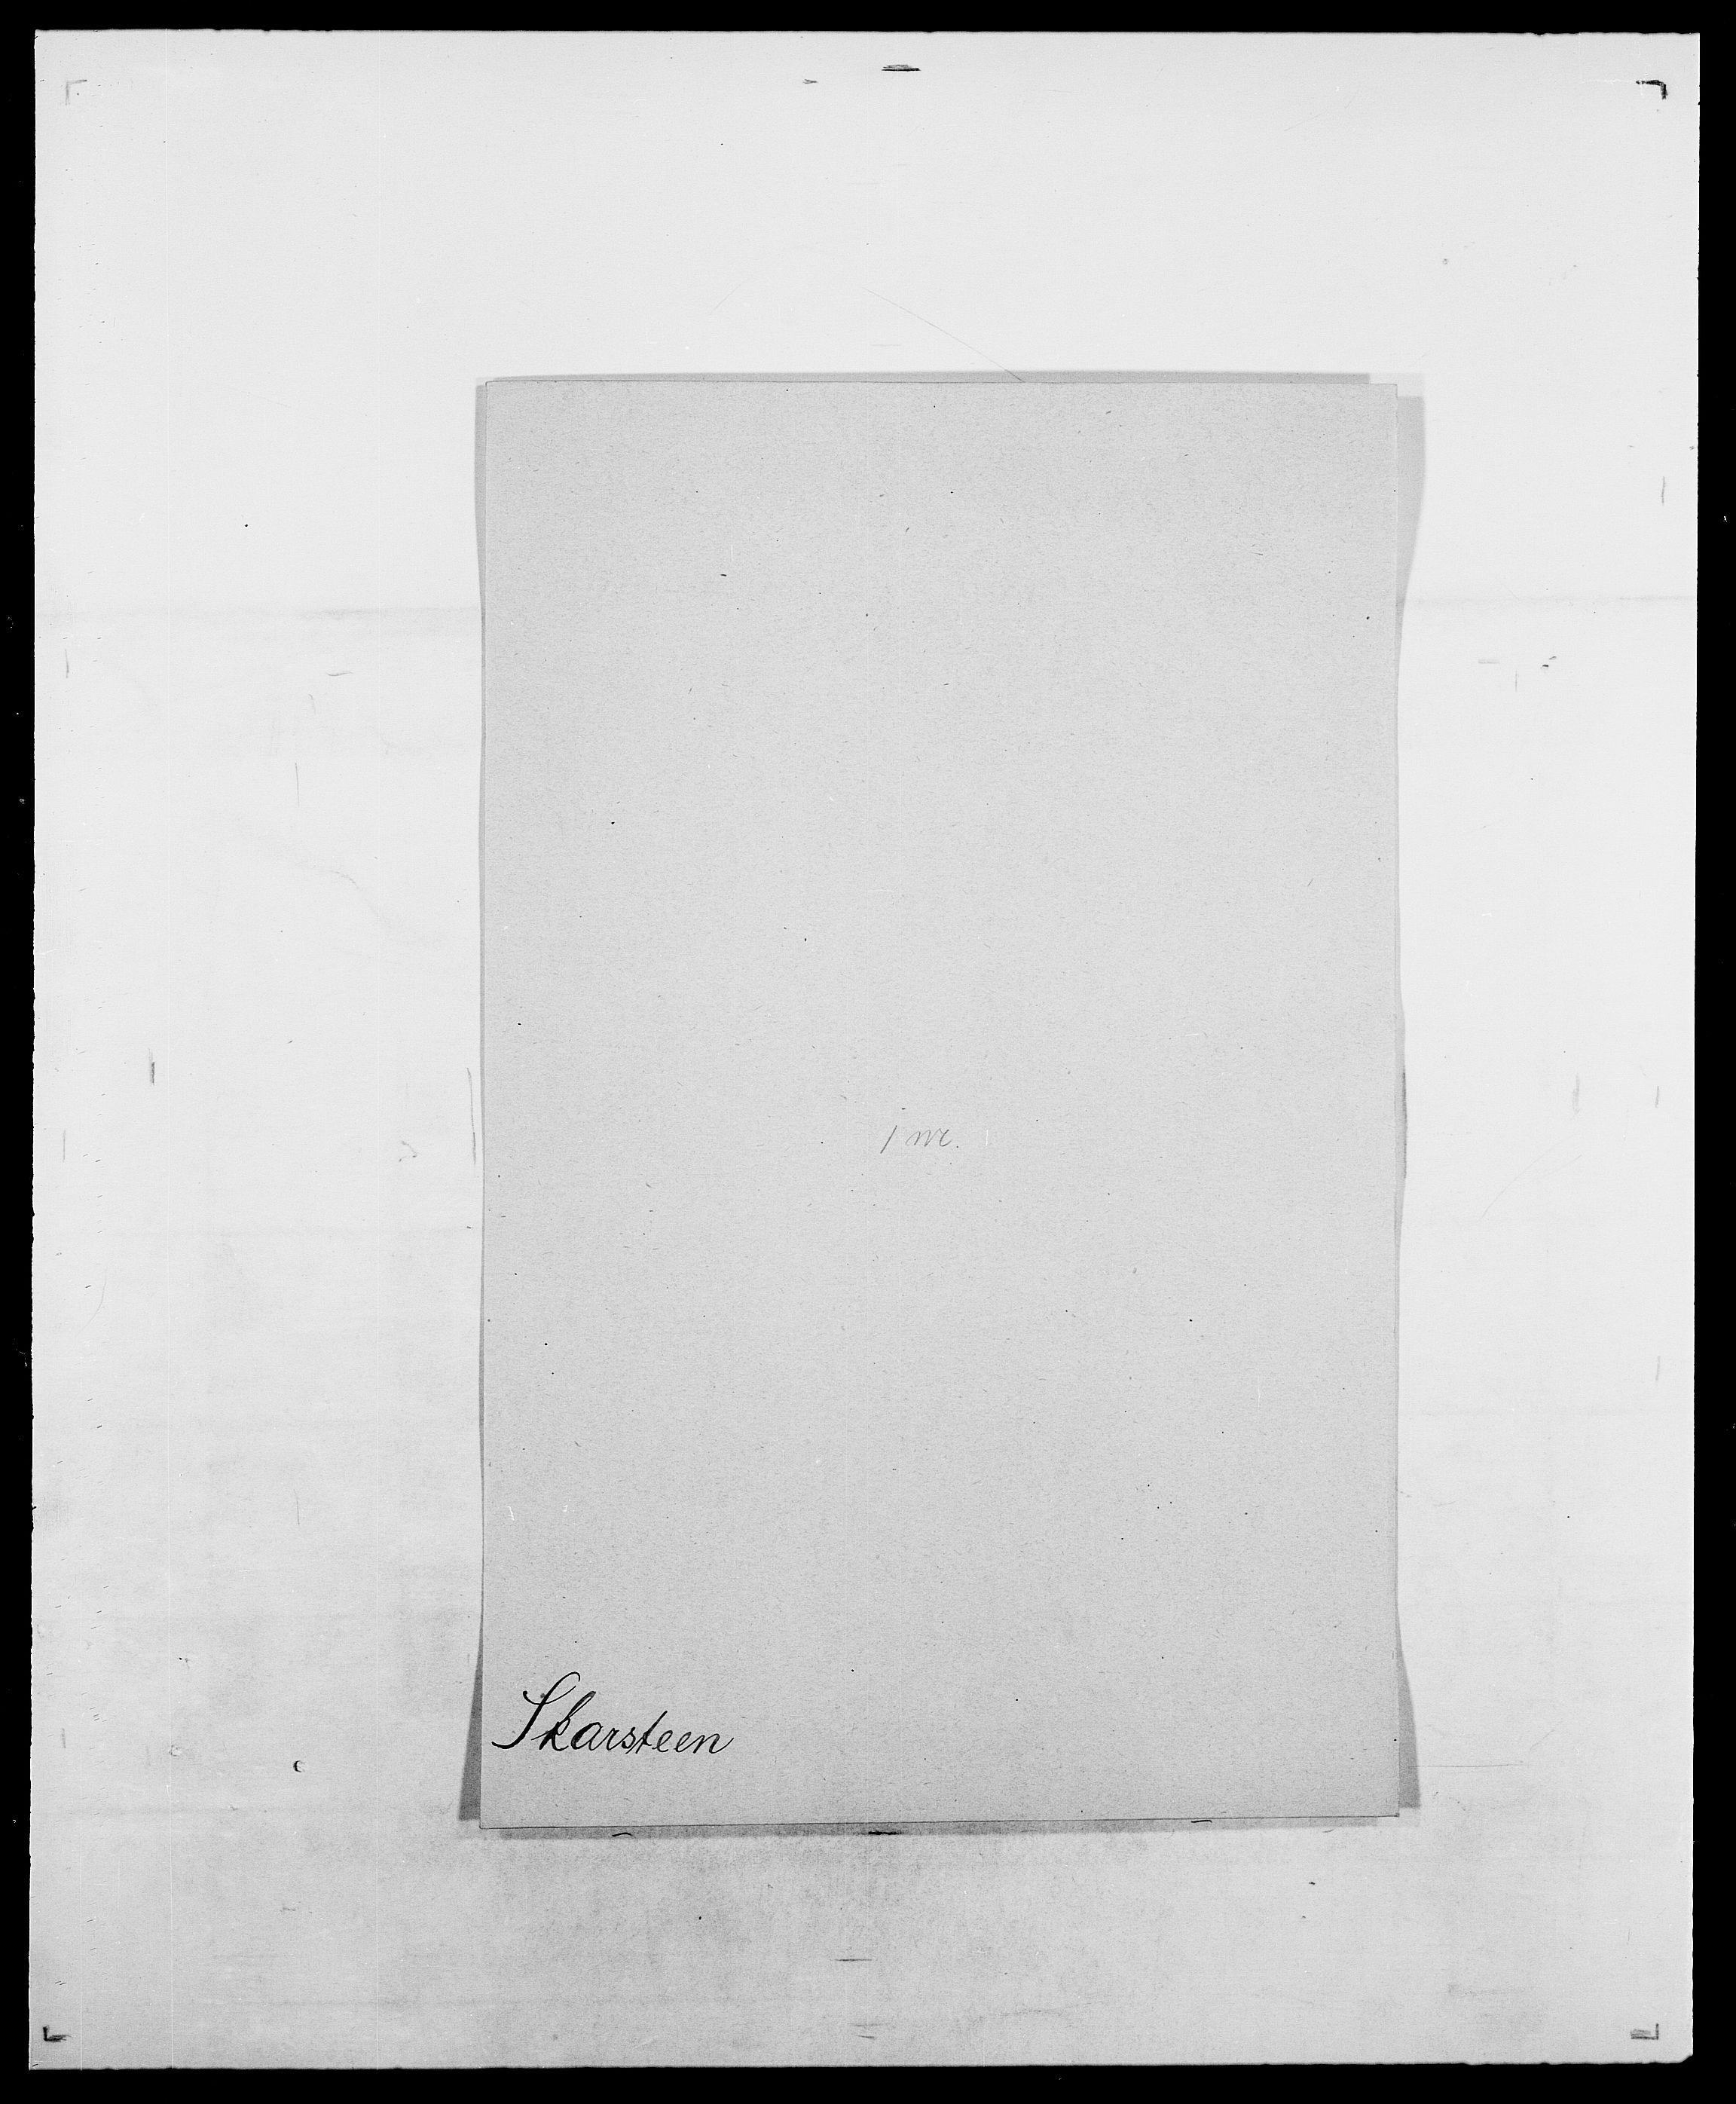 SAO, Delgobe, Charles Antoine - samling, D/Da/L0036: Skaanør - Staverskov, s. 35